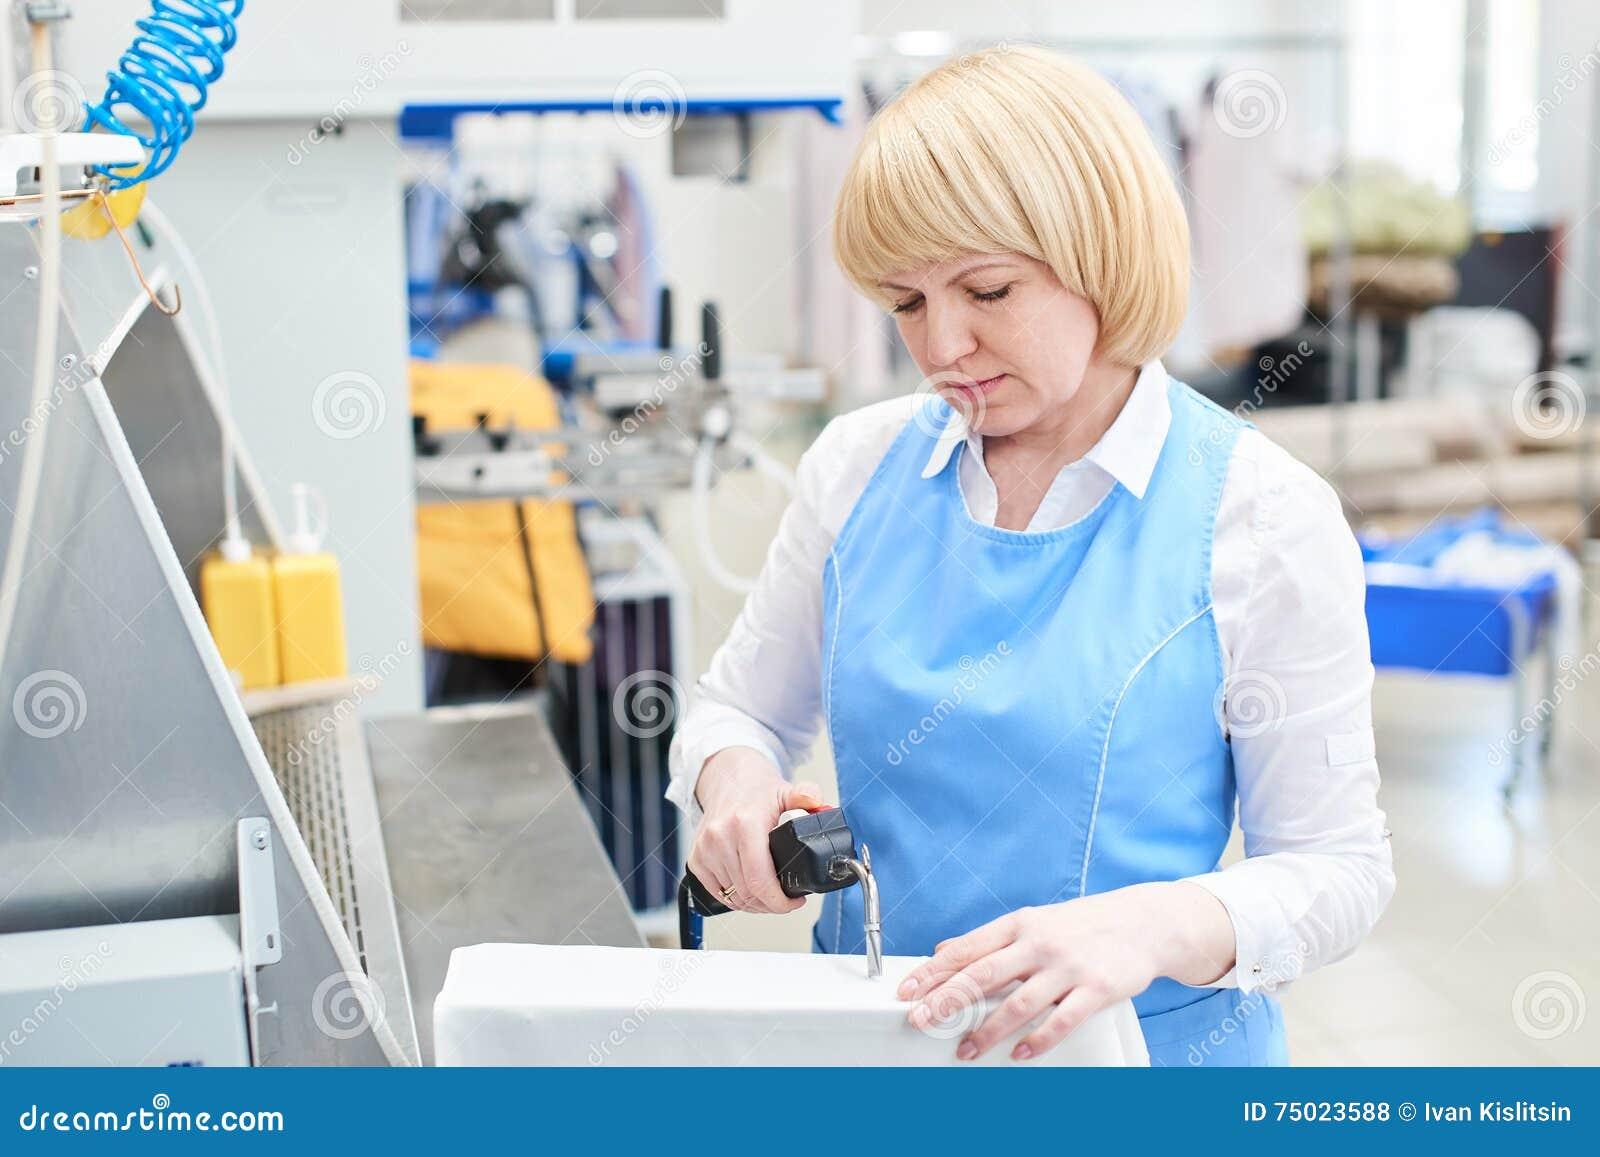 Trabalhador de mulher na remoção de mancha do processo da lavanderia